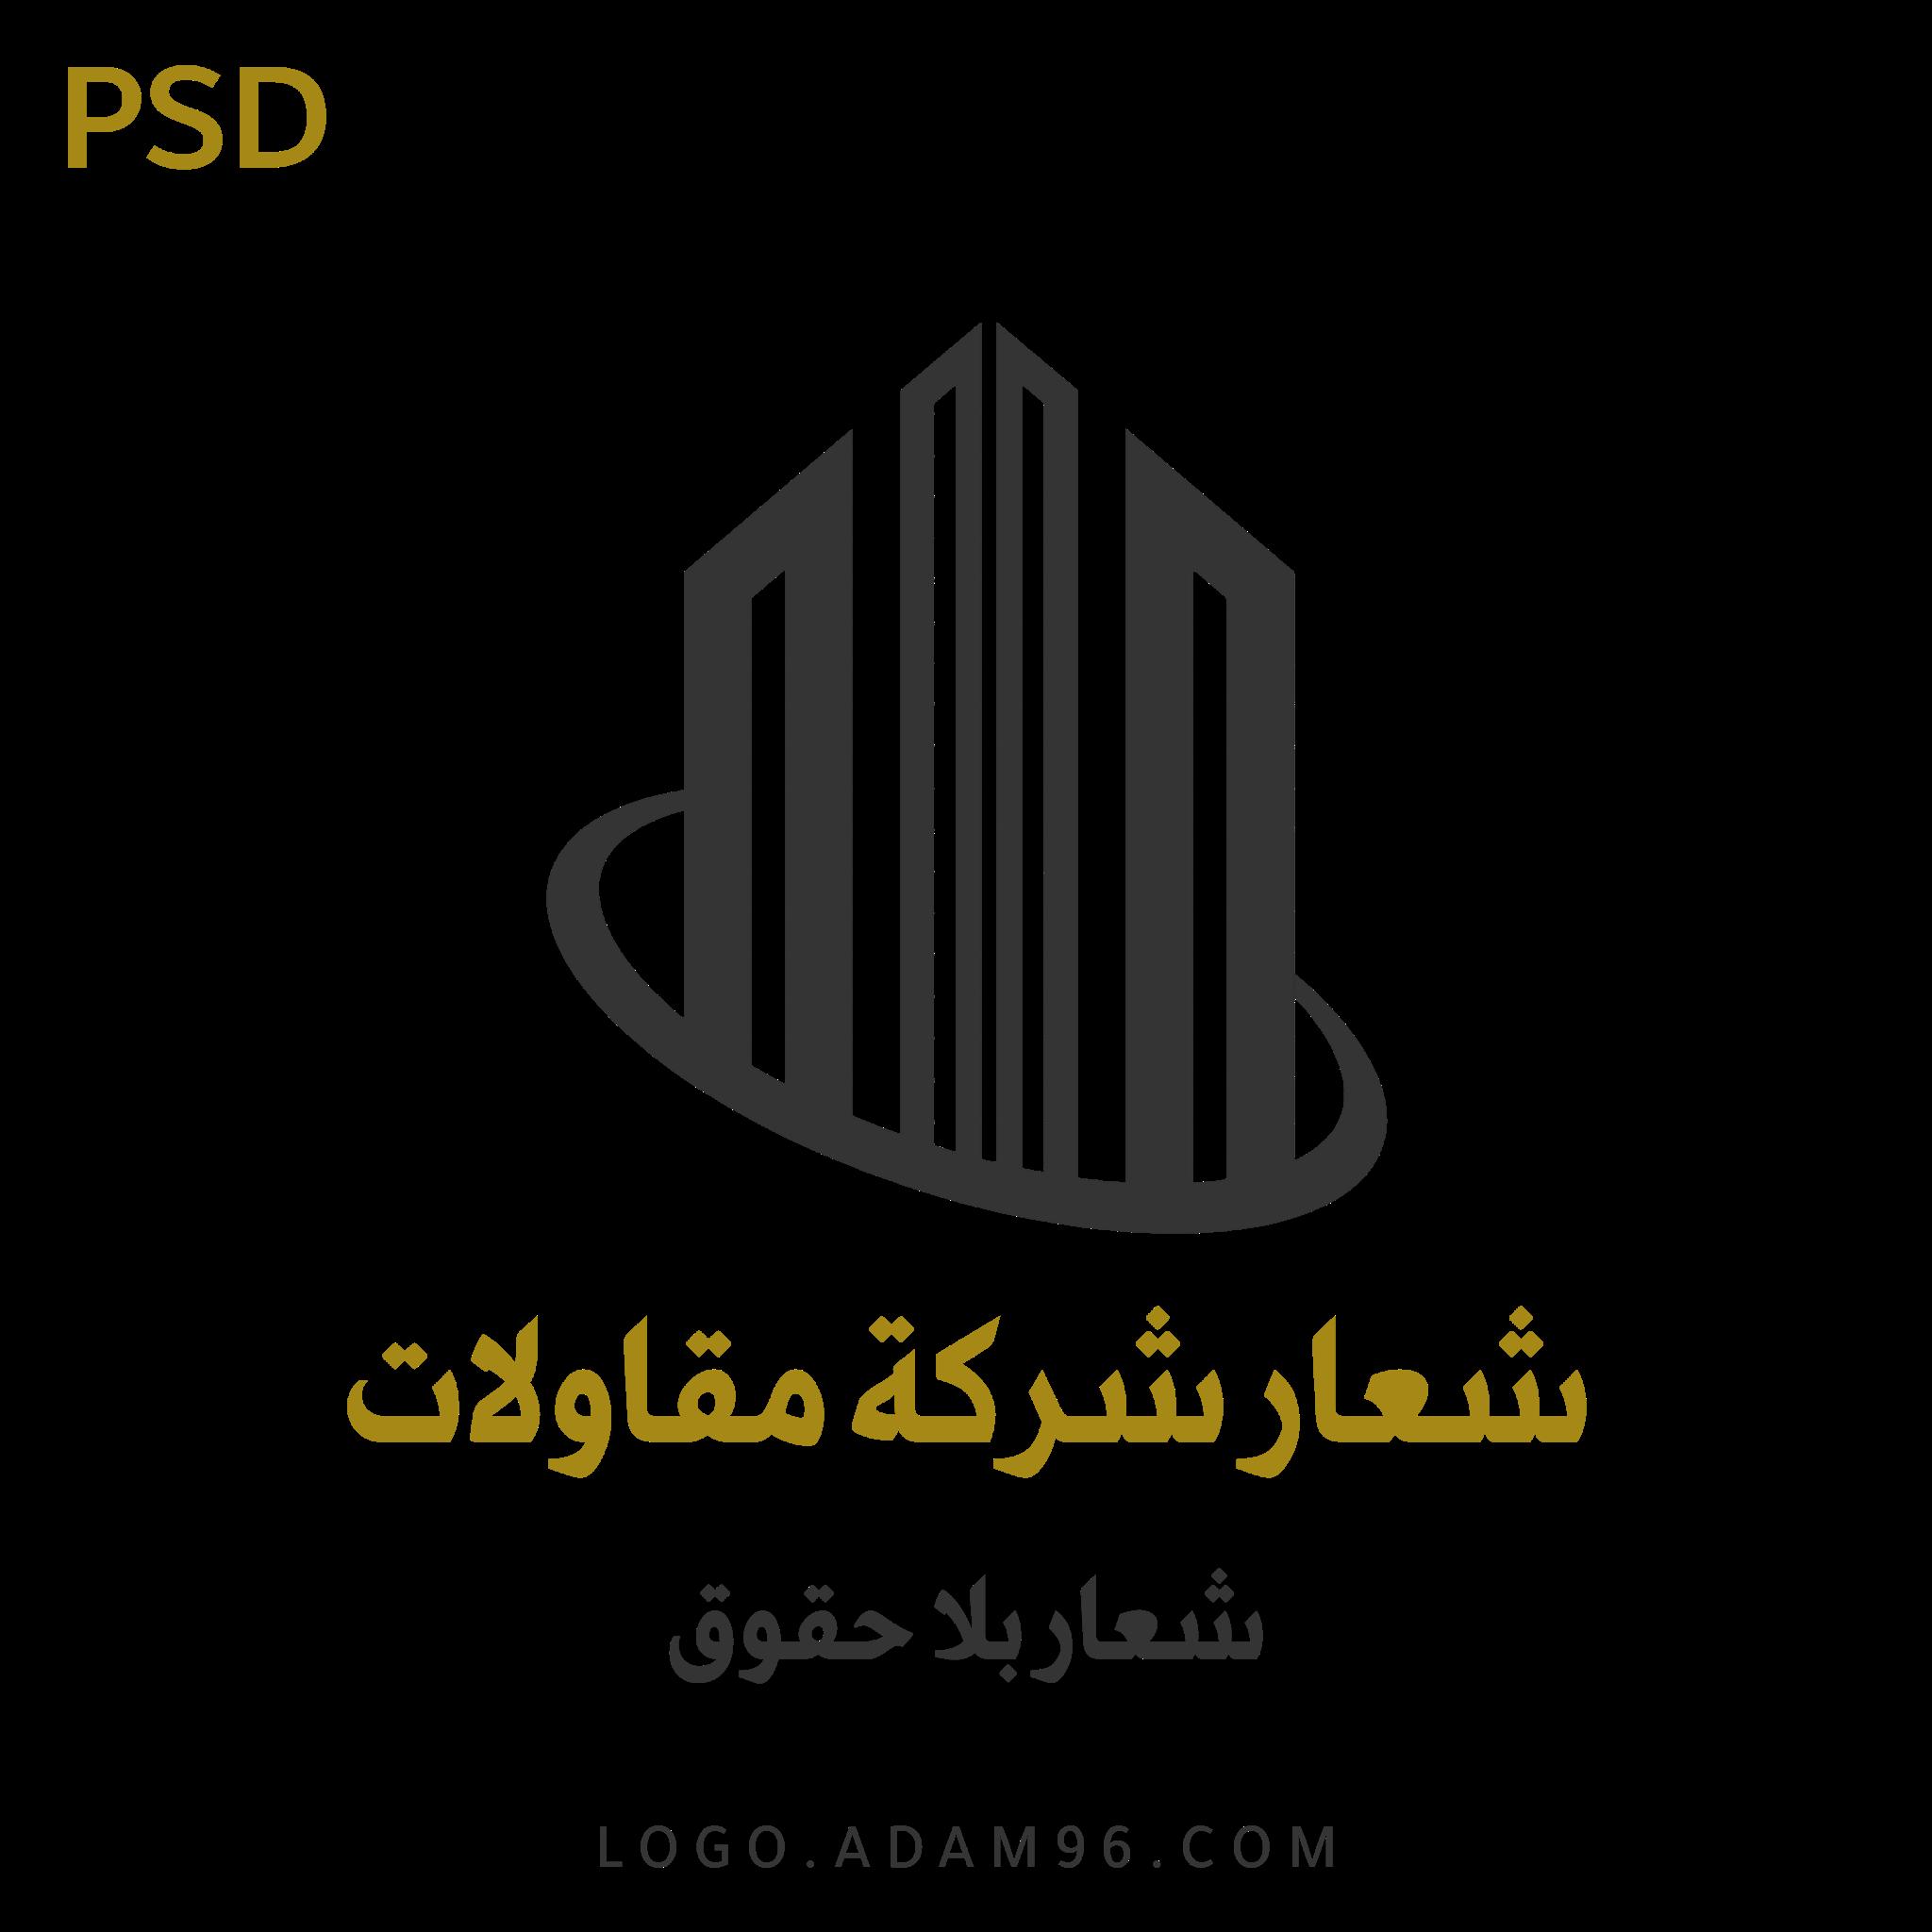 تحميل شعار شركة مقاولات لوجو بلا حقوق Logo Contracting Company PSD